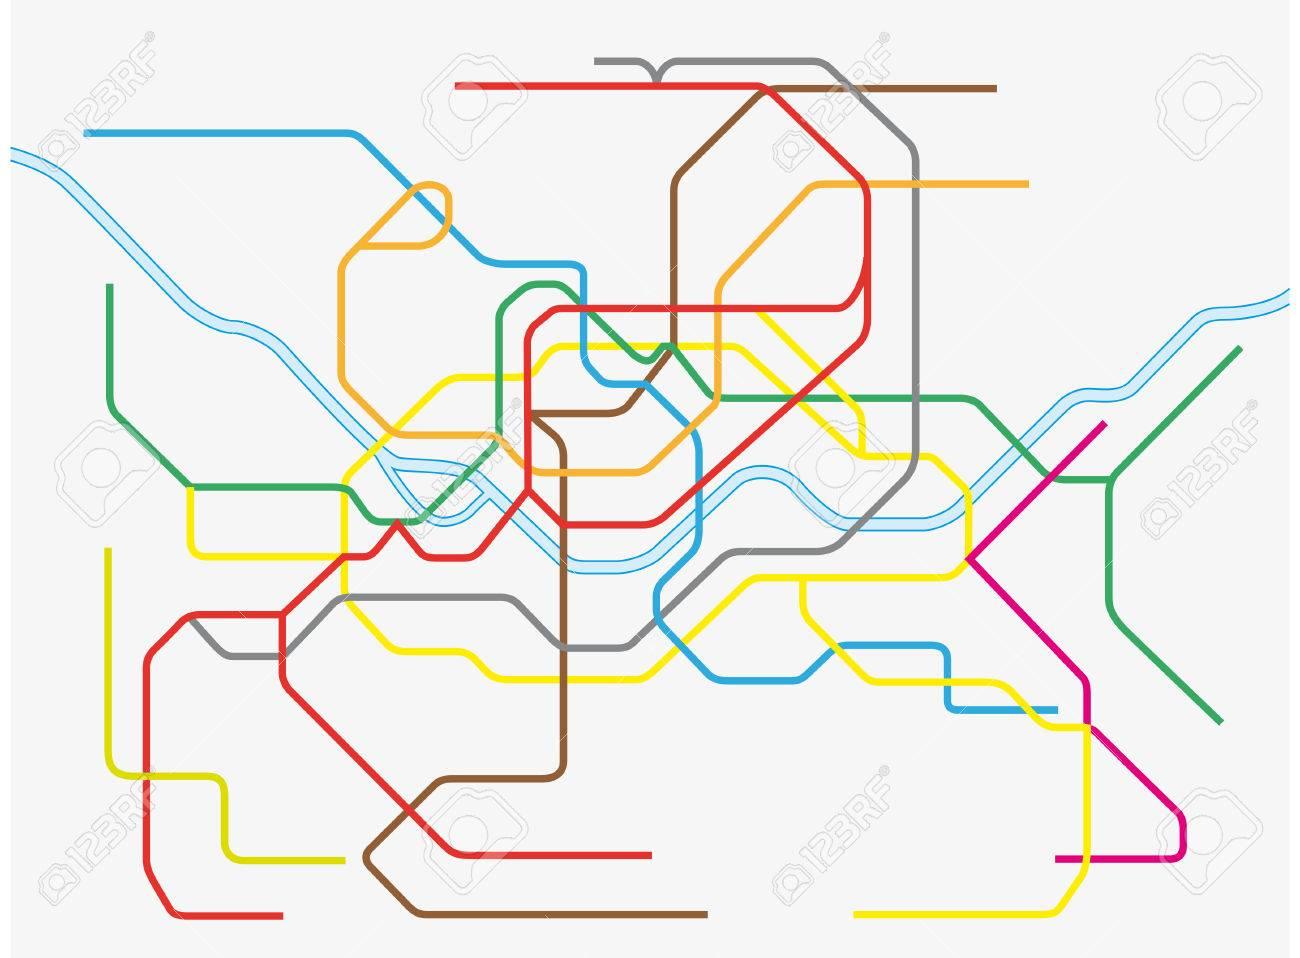 カラフルなソウル首都圏の地下鉄路線図のイラスト素材ベクタ Image